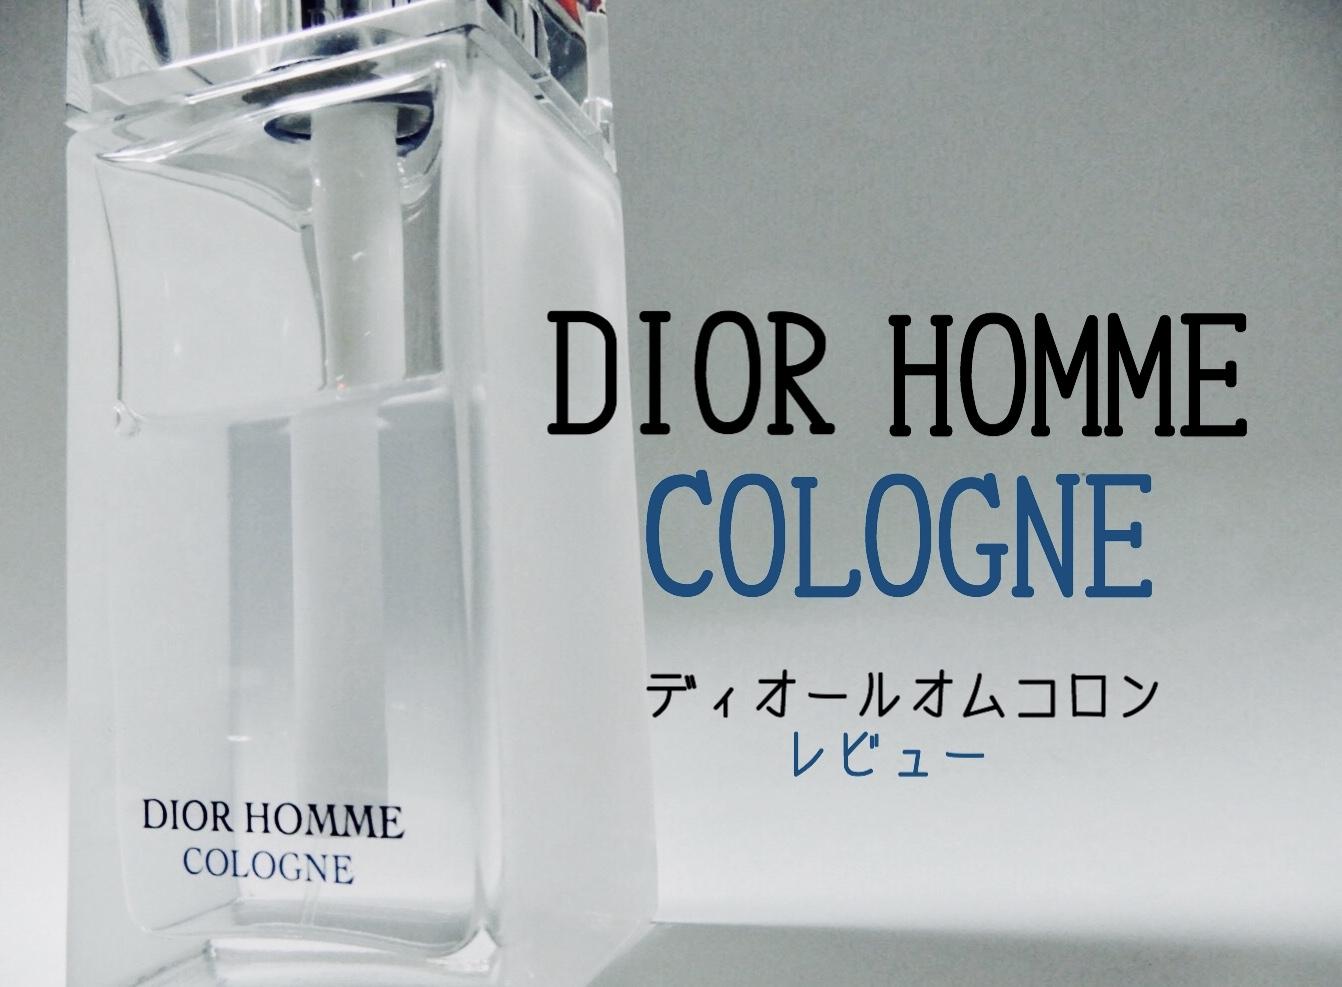 ディオール オム 香水